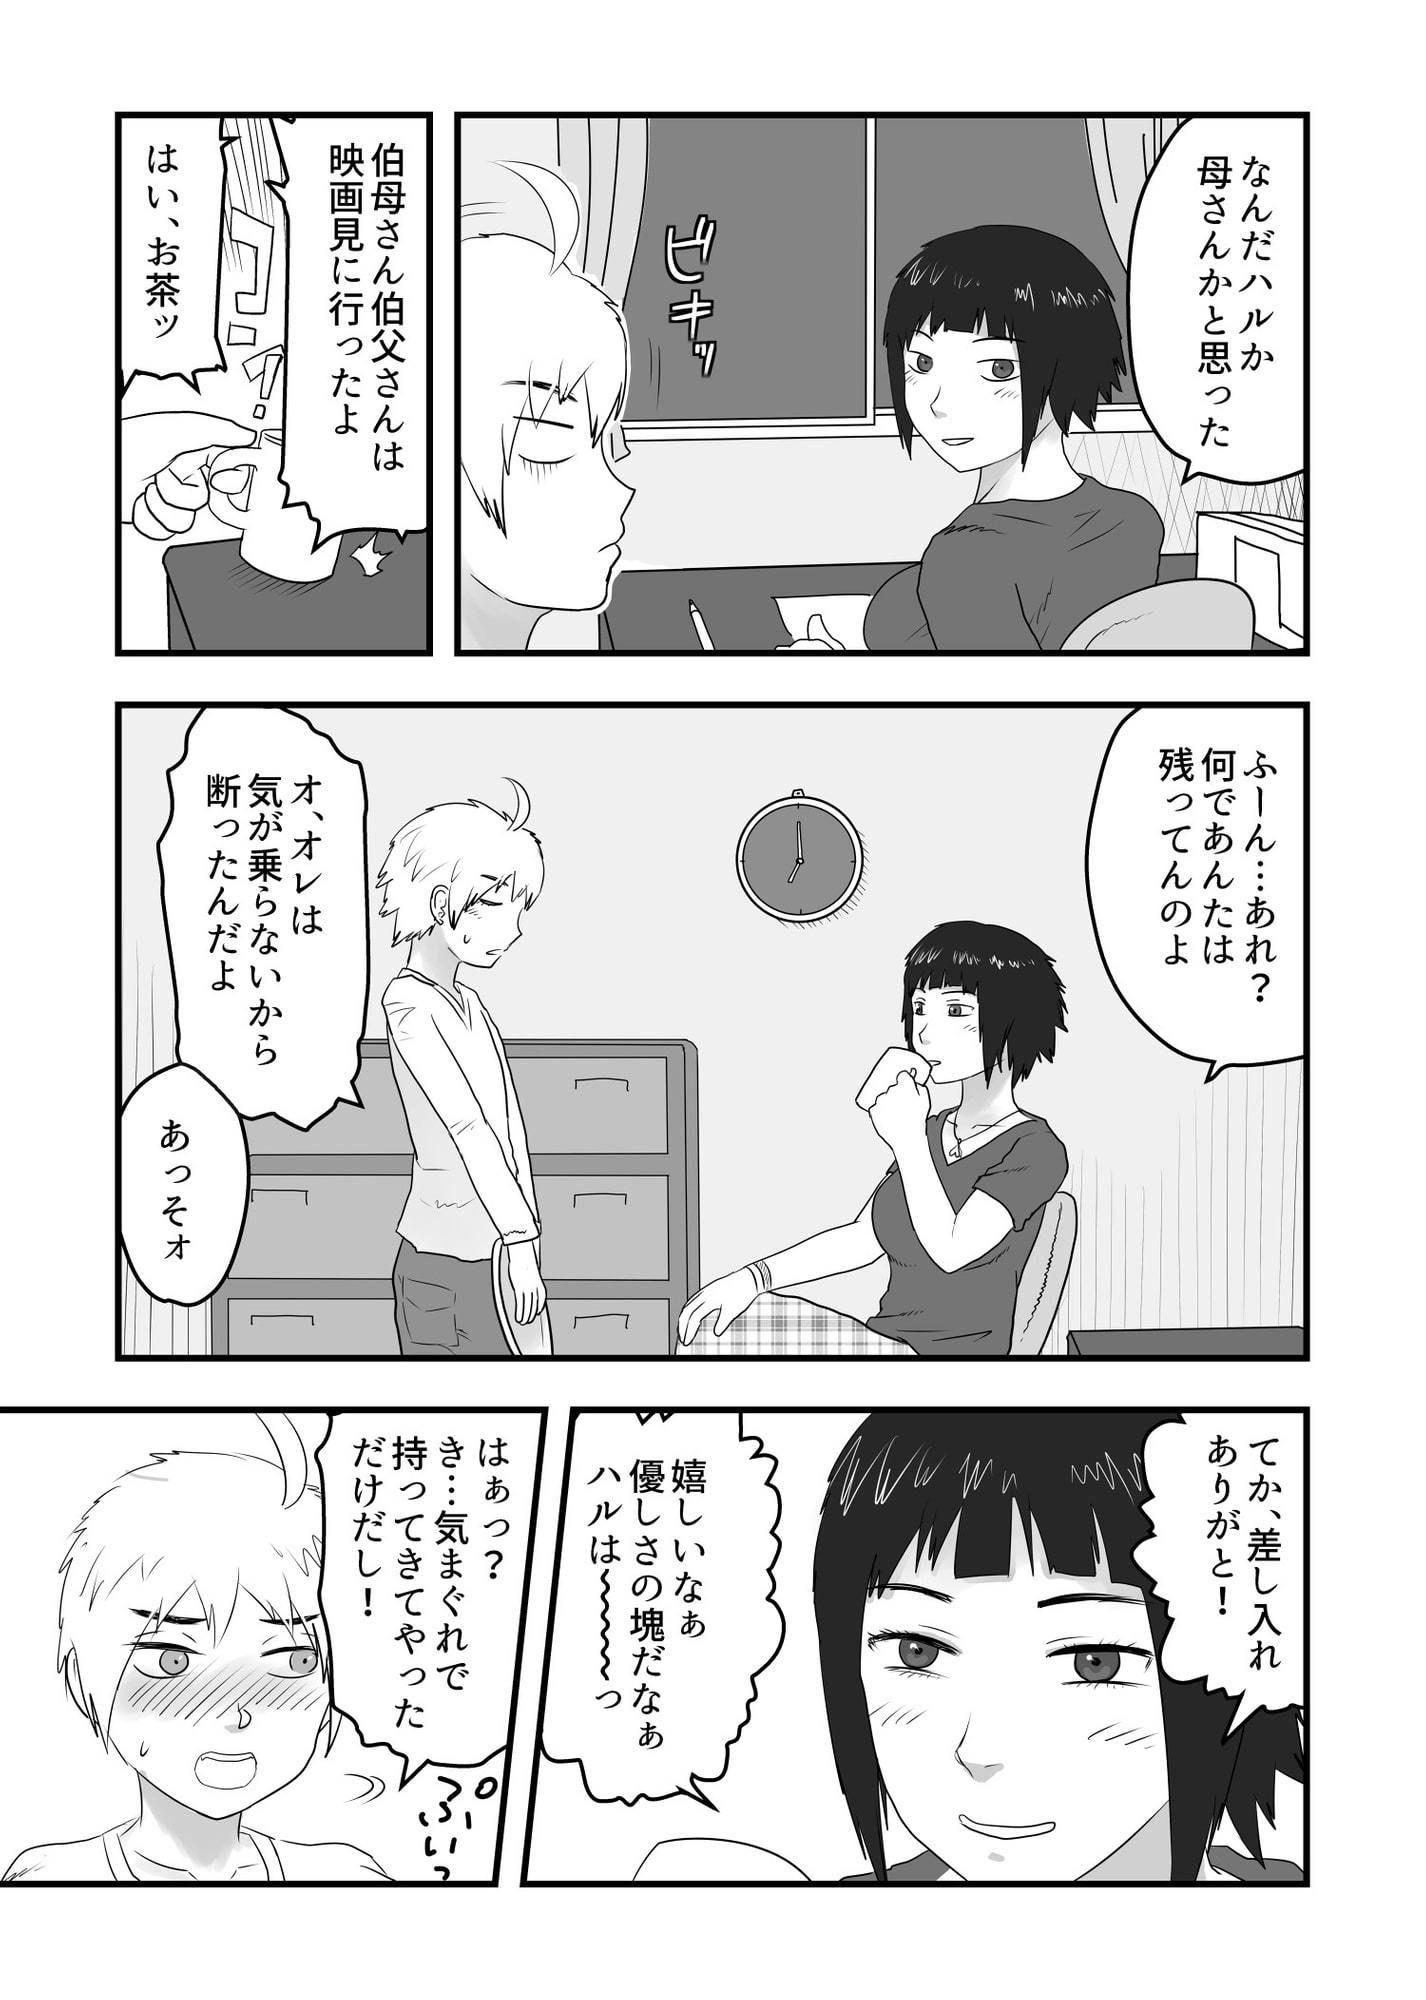 おね●●●漫画「ふたりの夜」のサンプル画像3